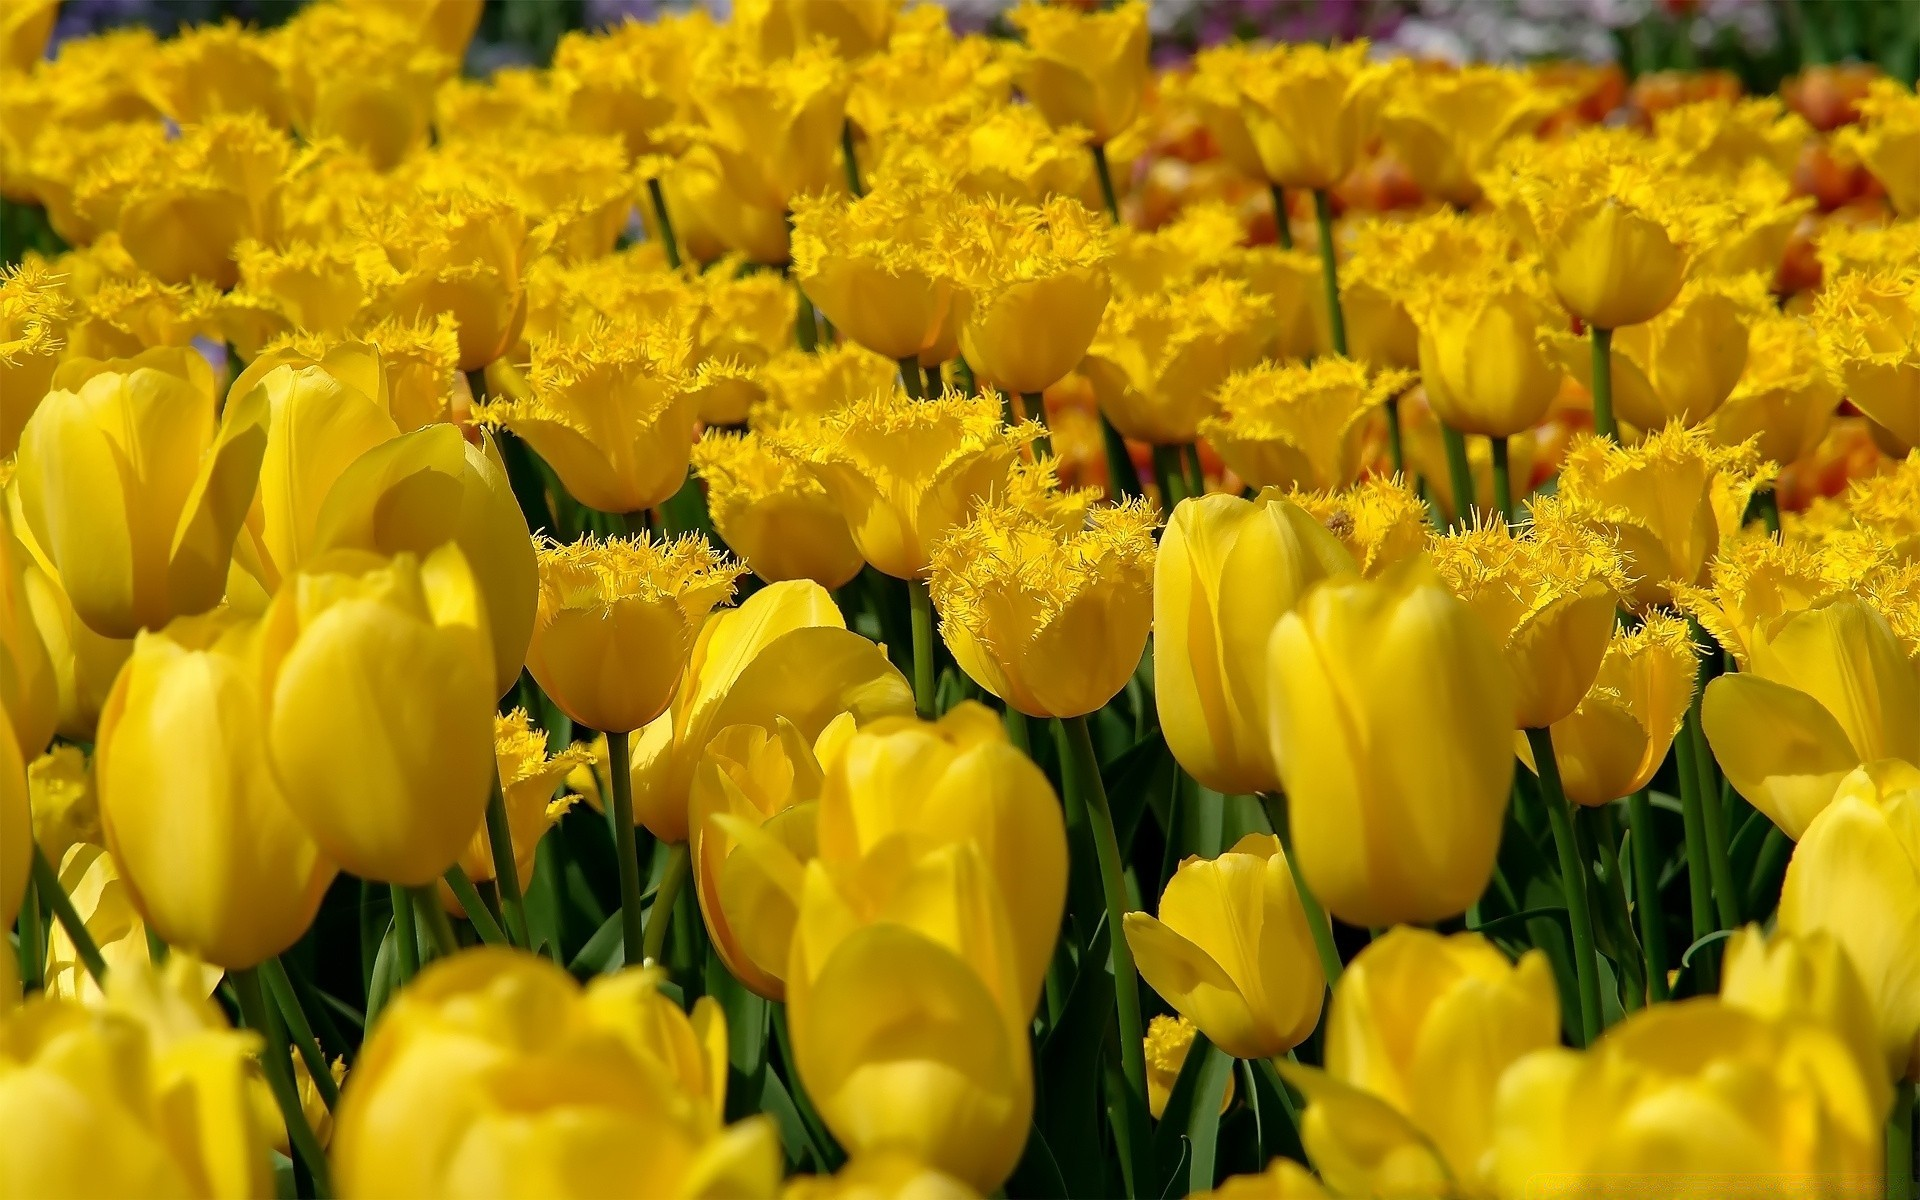 фото на рабочий стол желтые цветы недавнем интервью